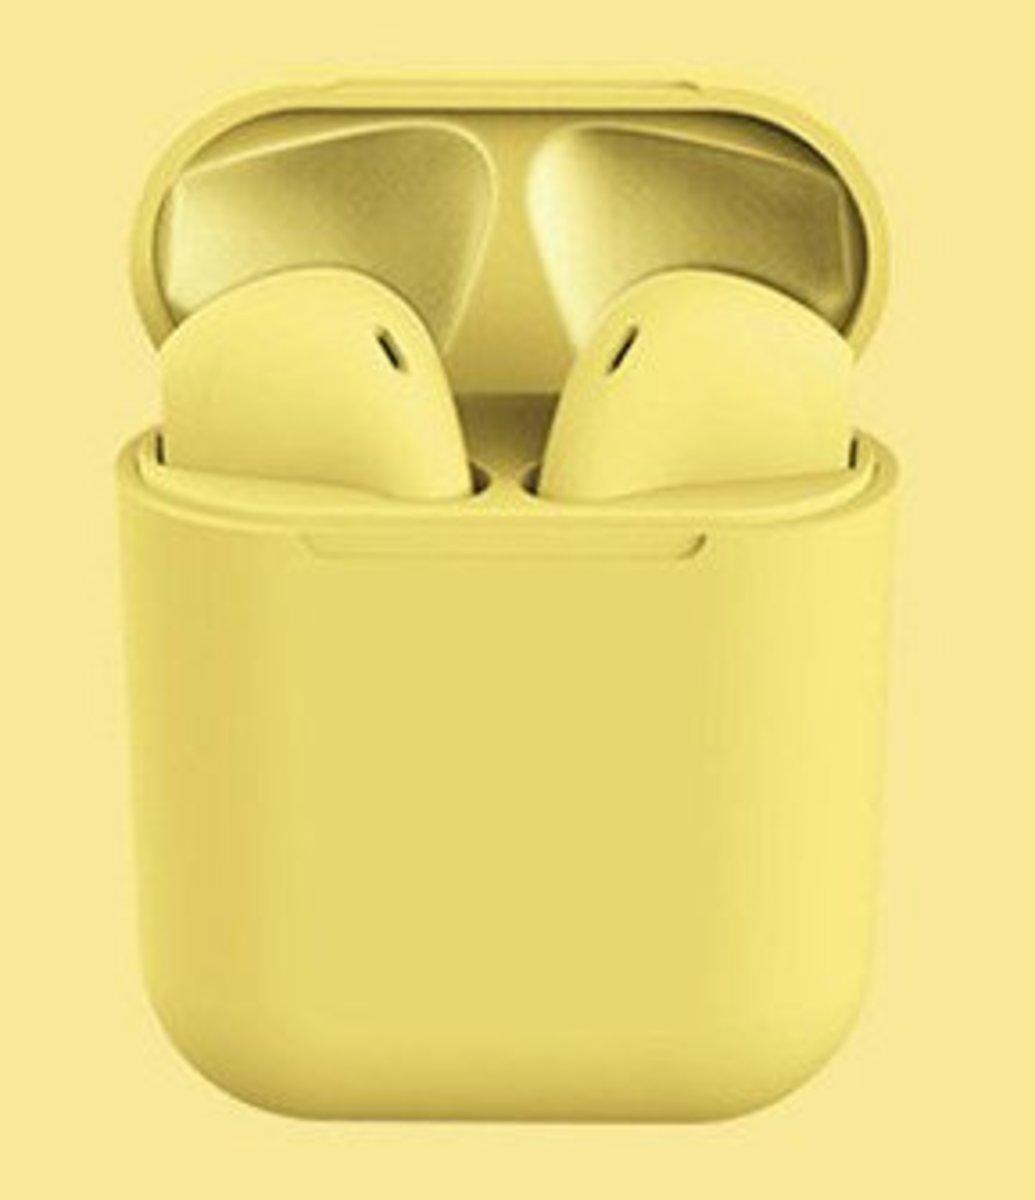 (黃色) inPods12 無線藍牙耳機 適合任何附有藍牙功能手機